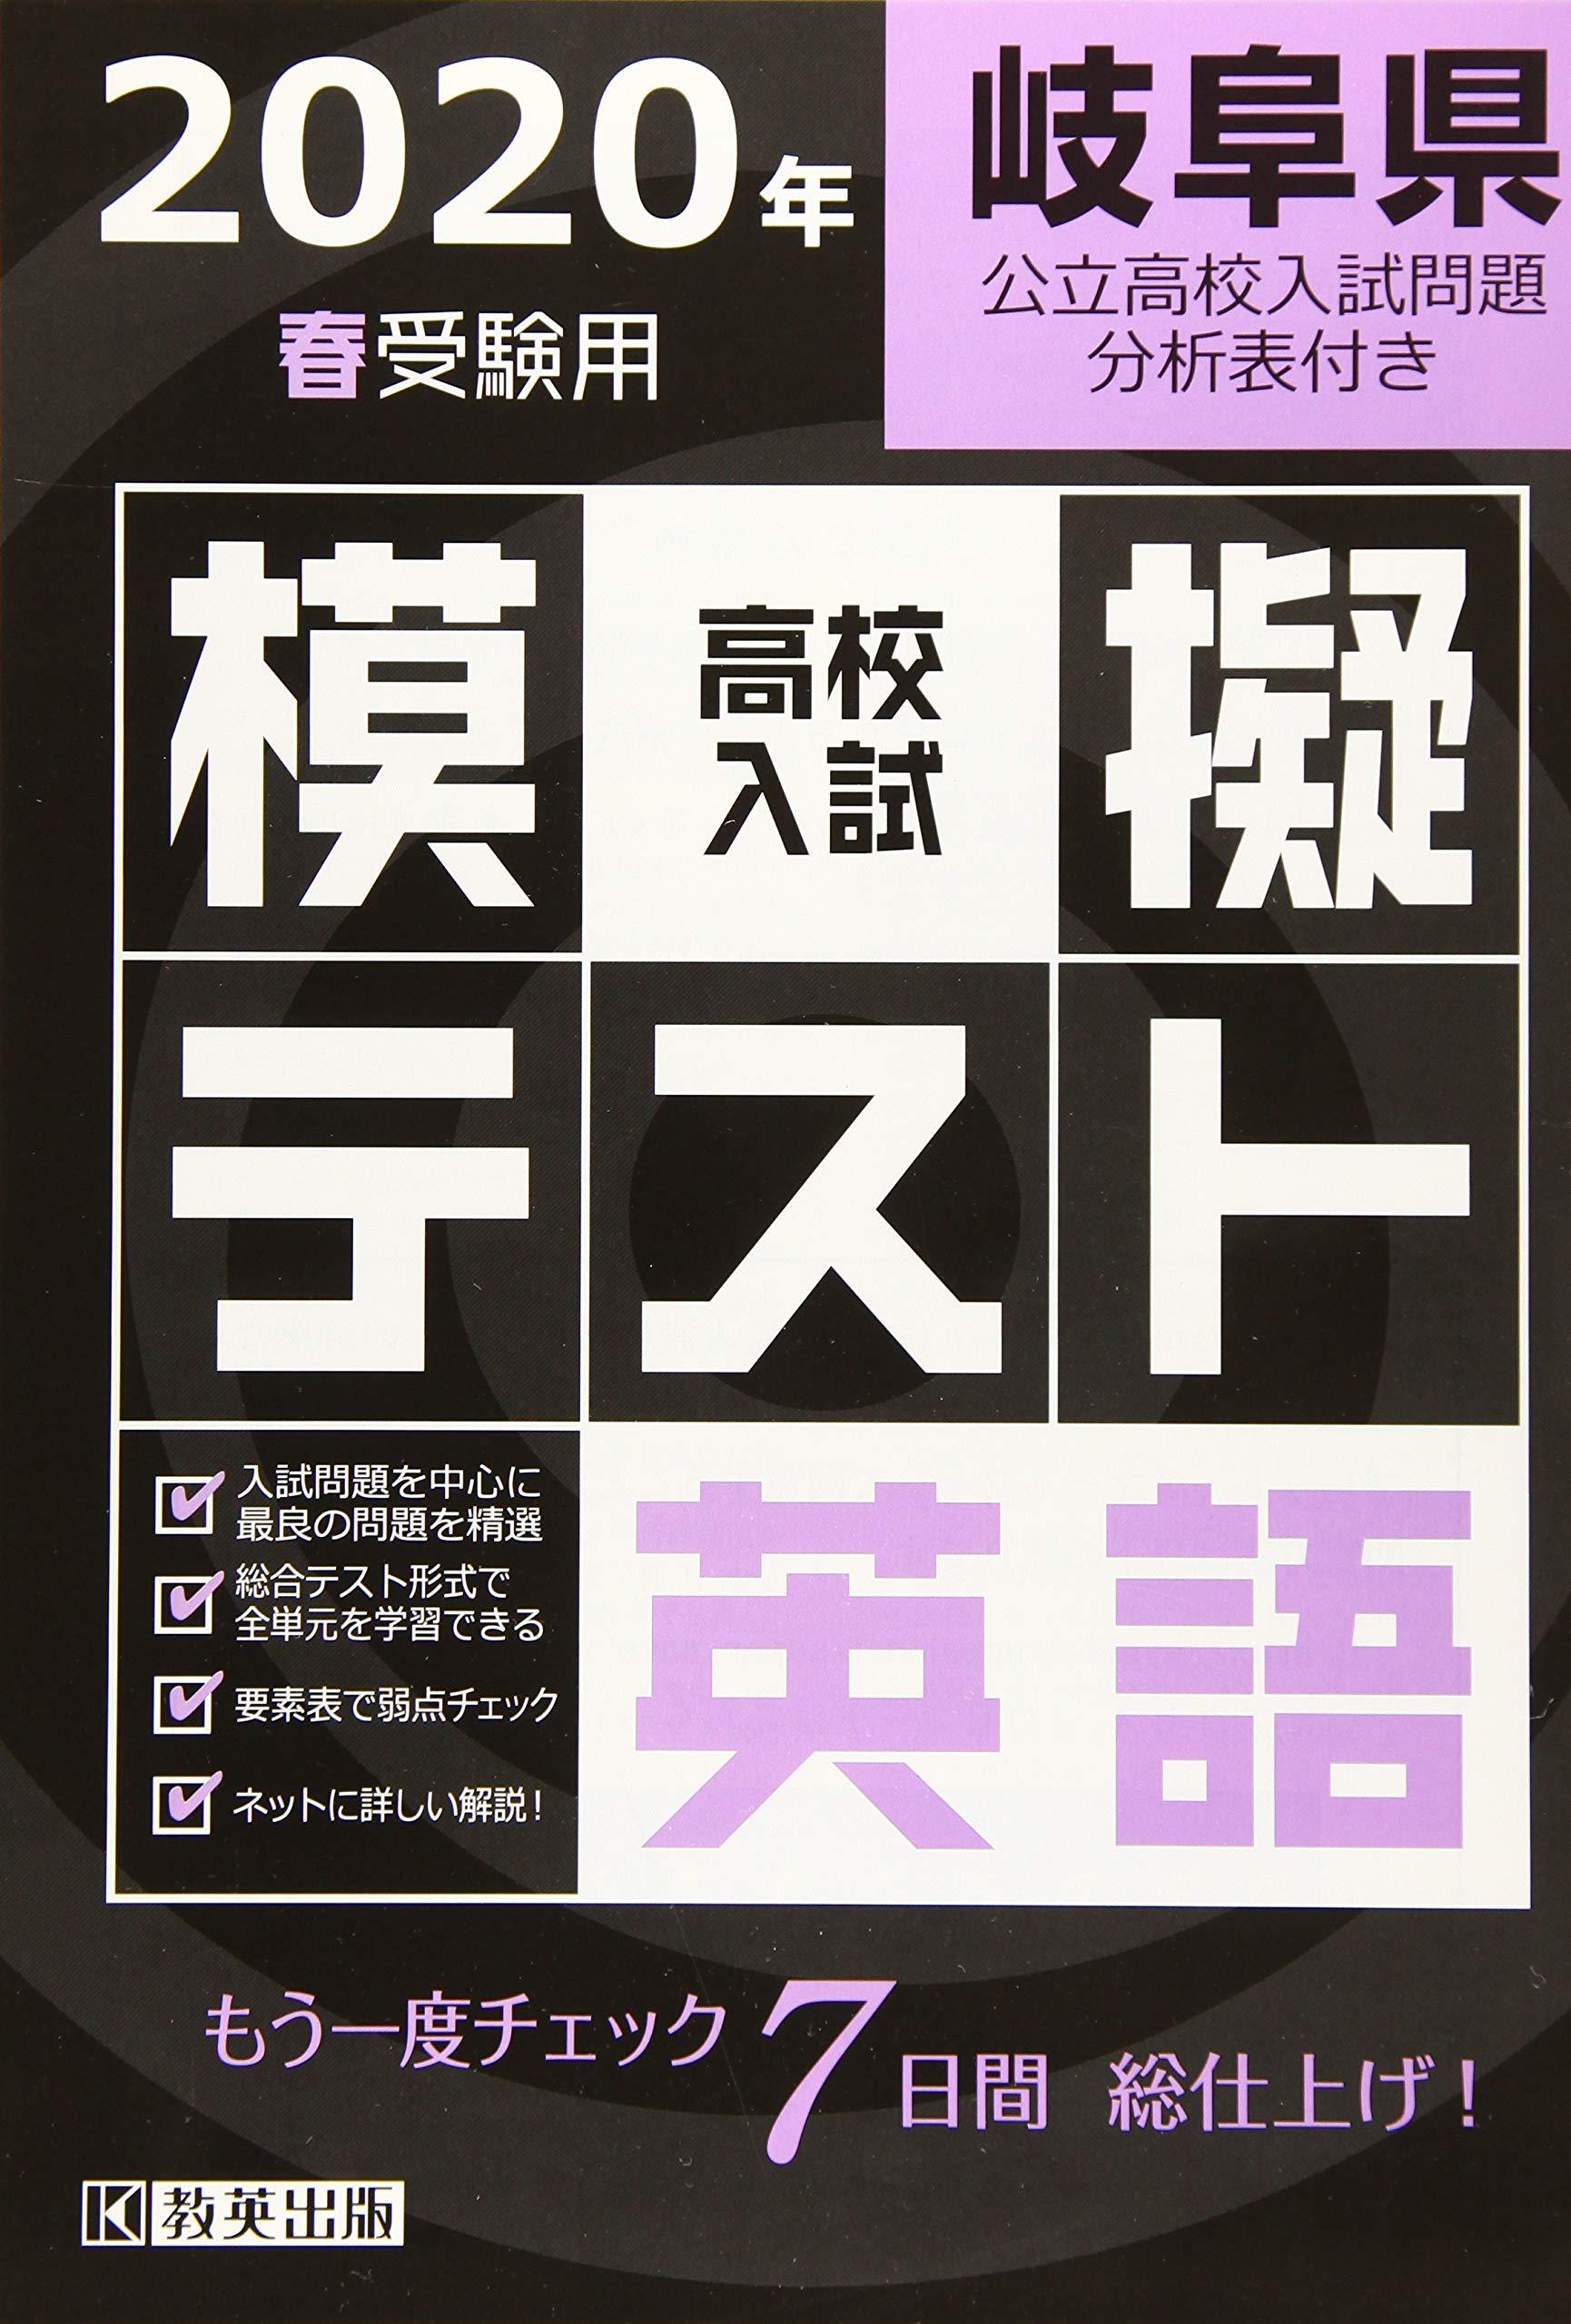 高校 2020 入試 県 岐阜